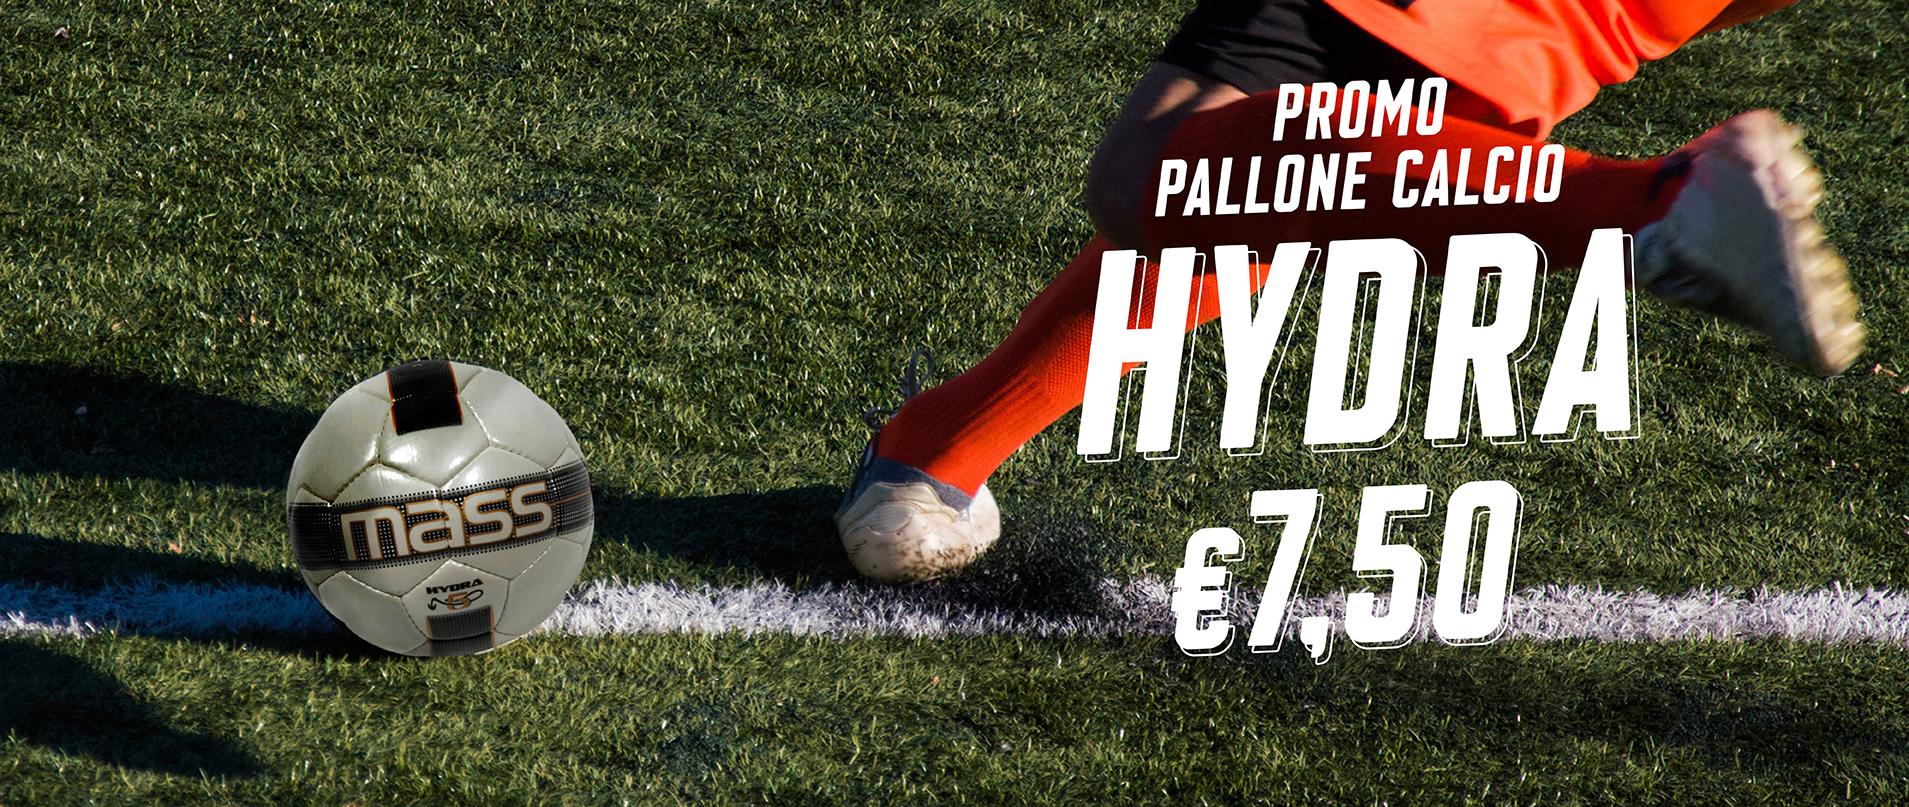 Pallone da calcio Hydra